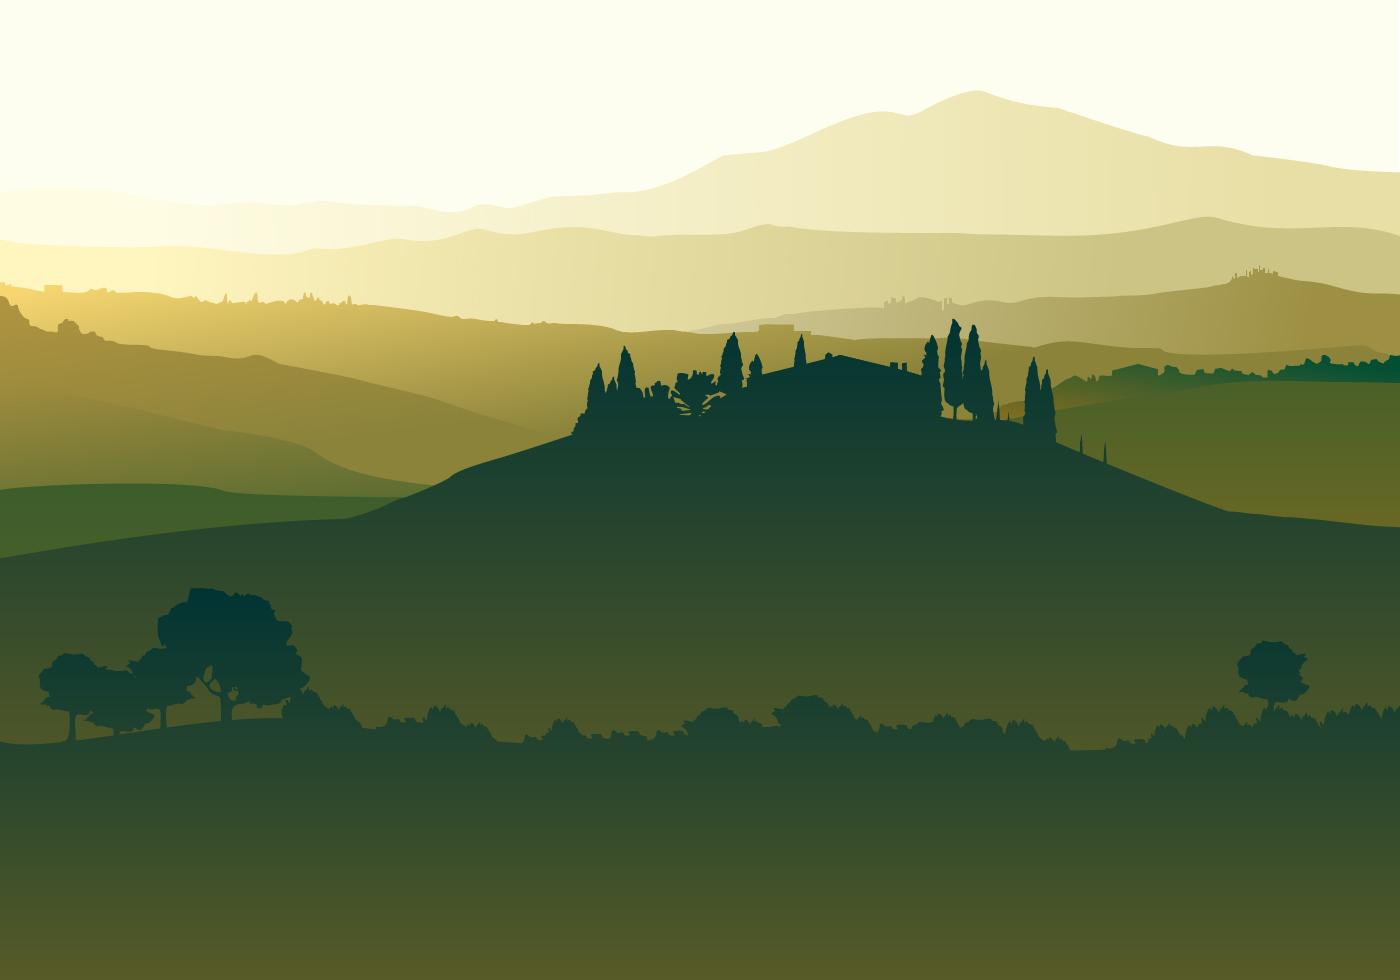 Landscape Illustration Vector Free: Landscape Free Vector Art